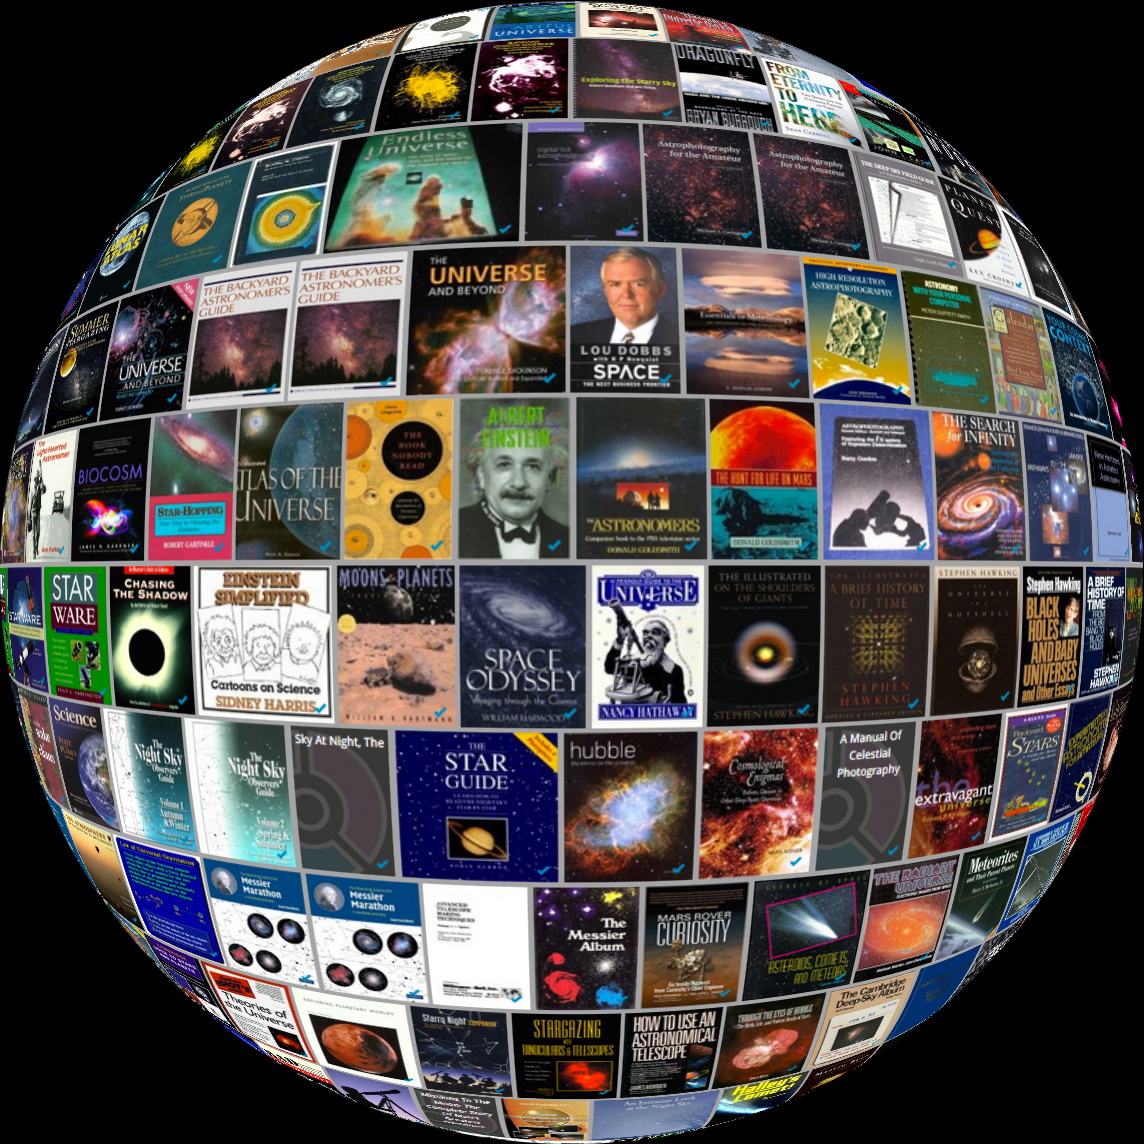 library-catalog-sphere.jpg